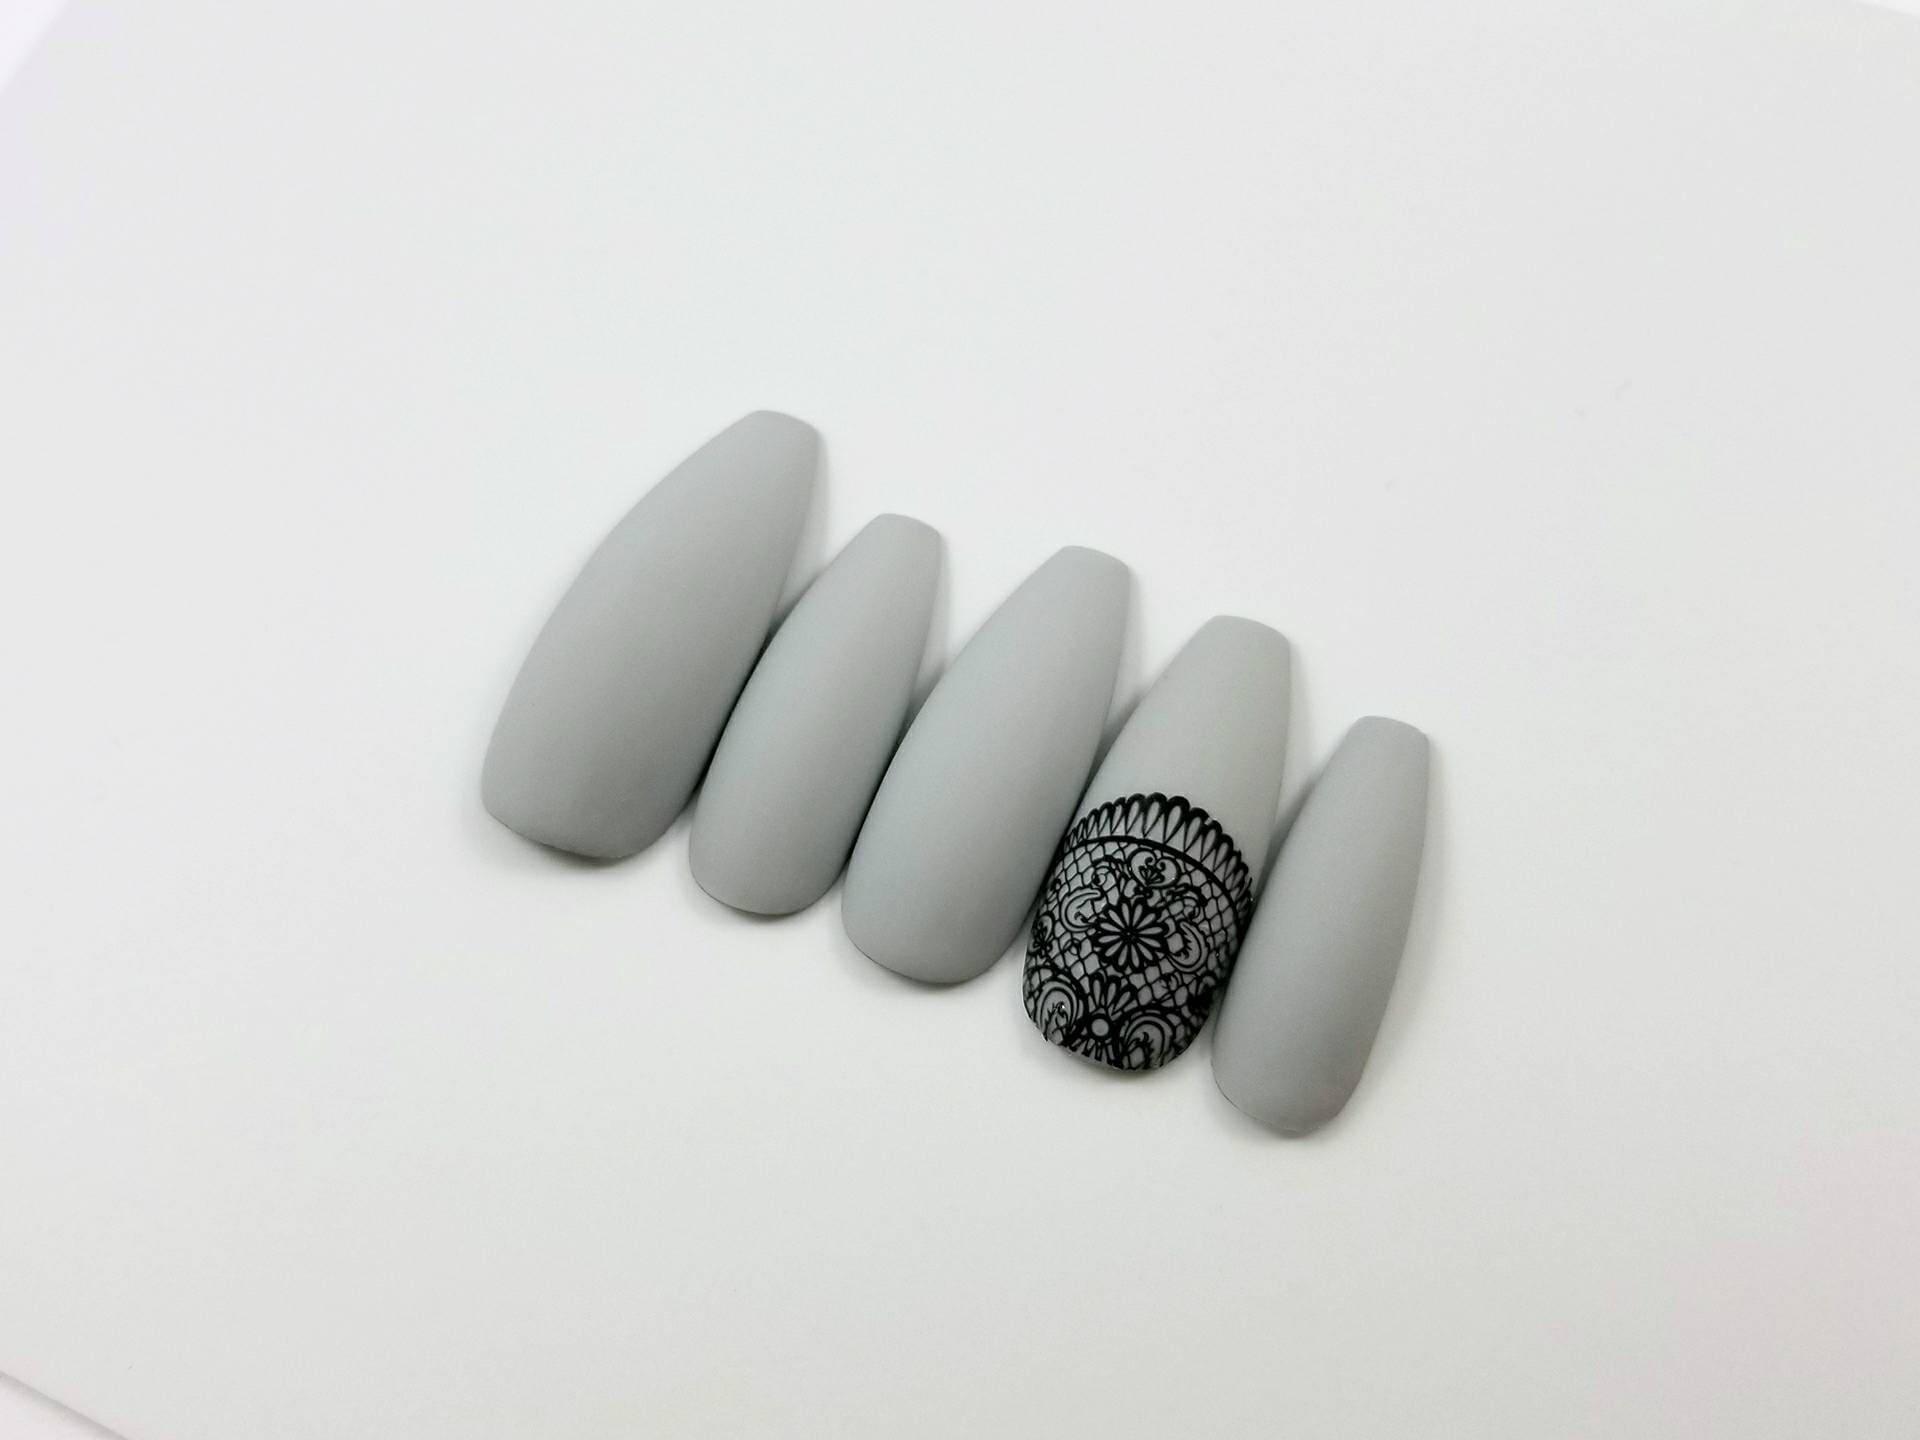 Matt grau Presse auf Nägel mit einem Spitzen-Akzent-Nagel